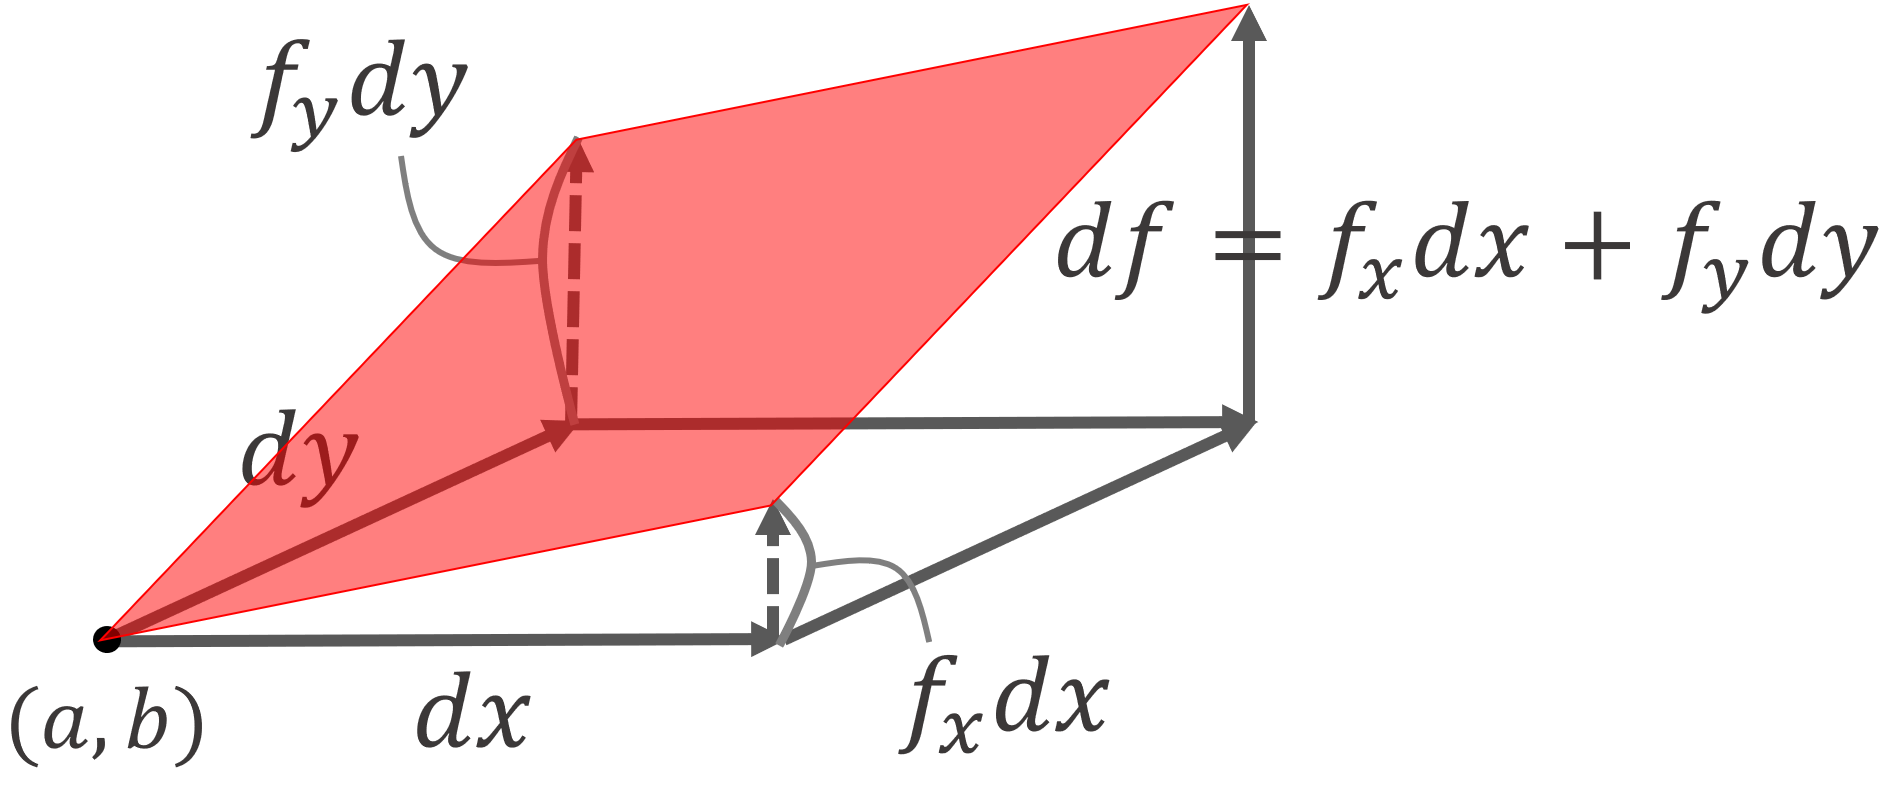 全微分の定義・性質・求め方を詳しく解説する~全微分可能性~